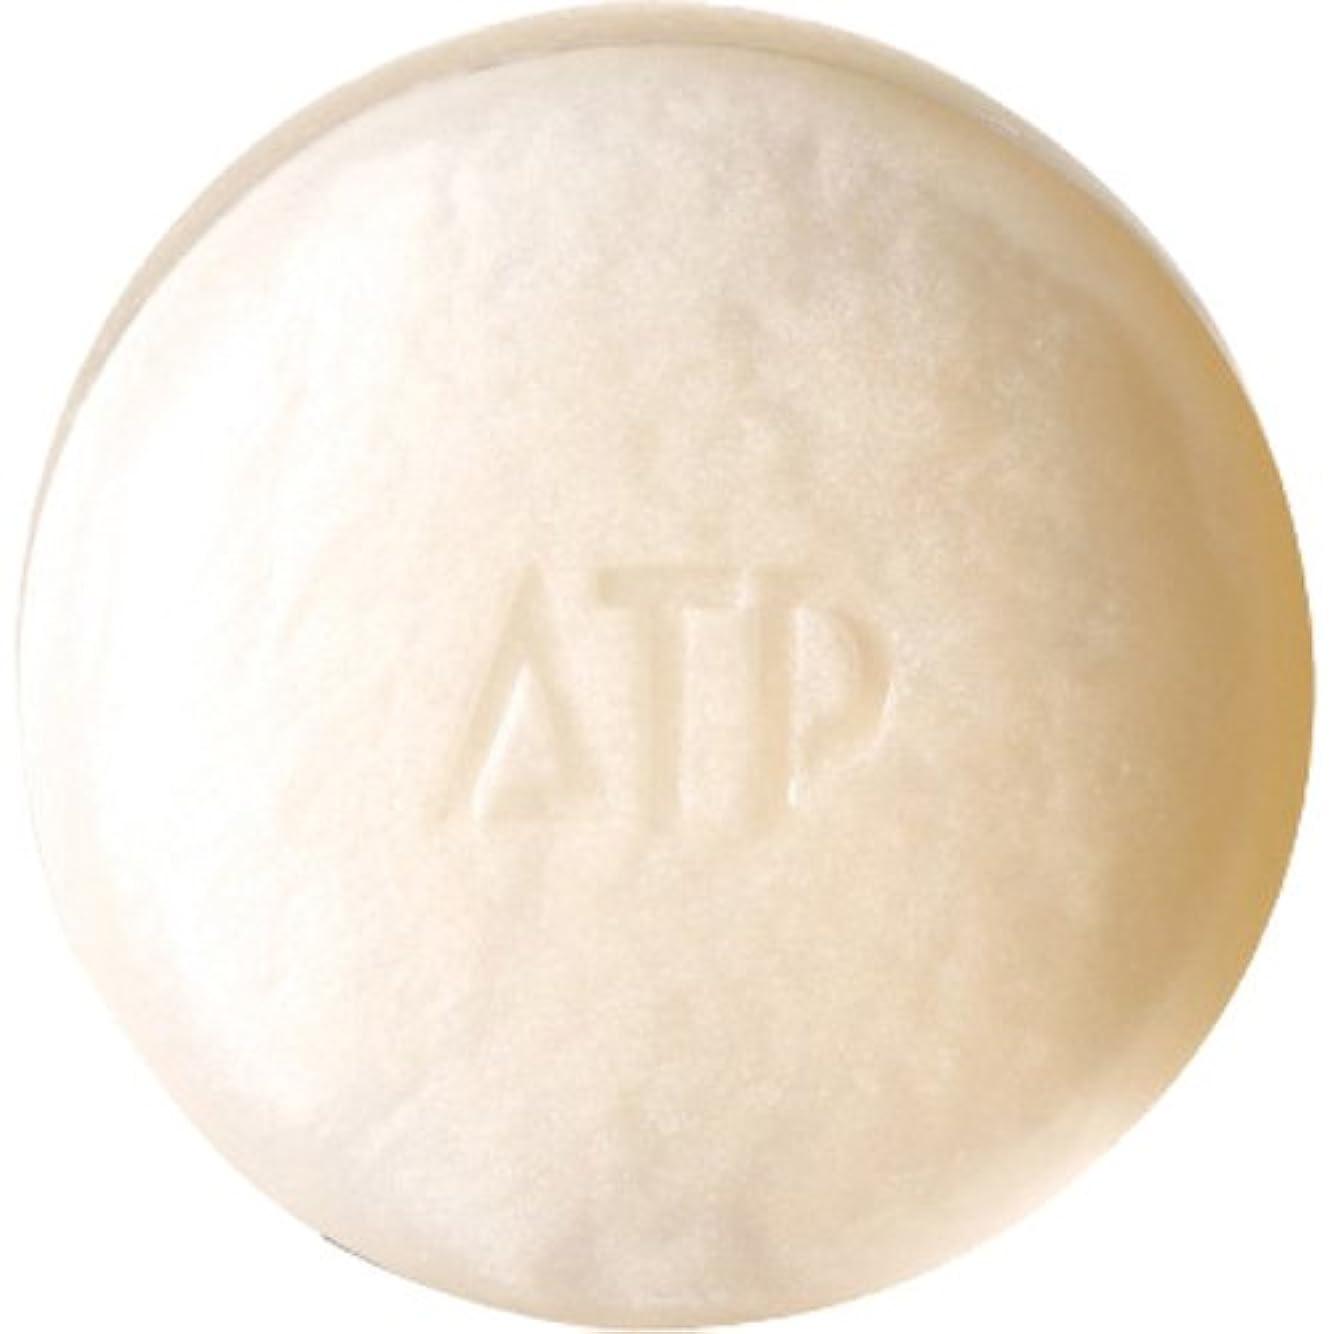 怖がって死ぬブレークアンペア薬用ATP デリケアソープ 100g ケースなし (全身用洗浄石けん?枠練り) [医薬部外品]